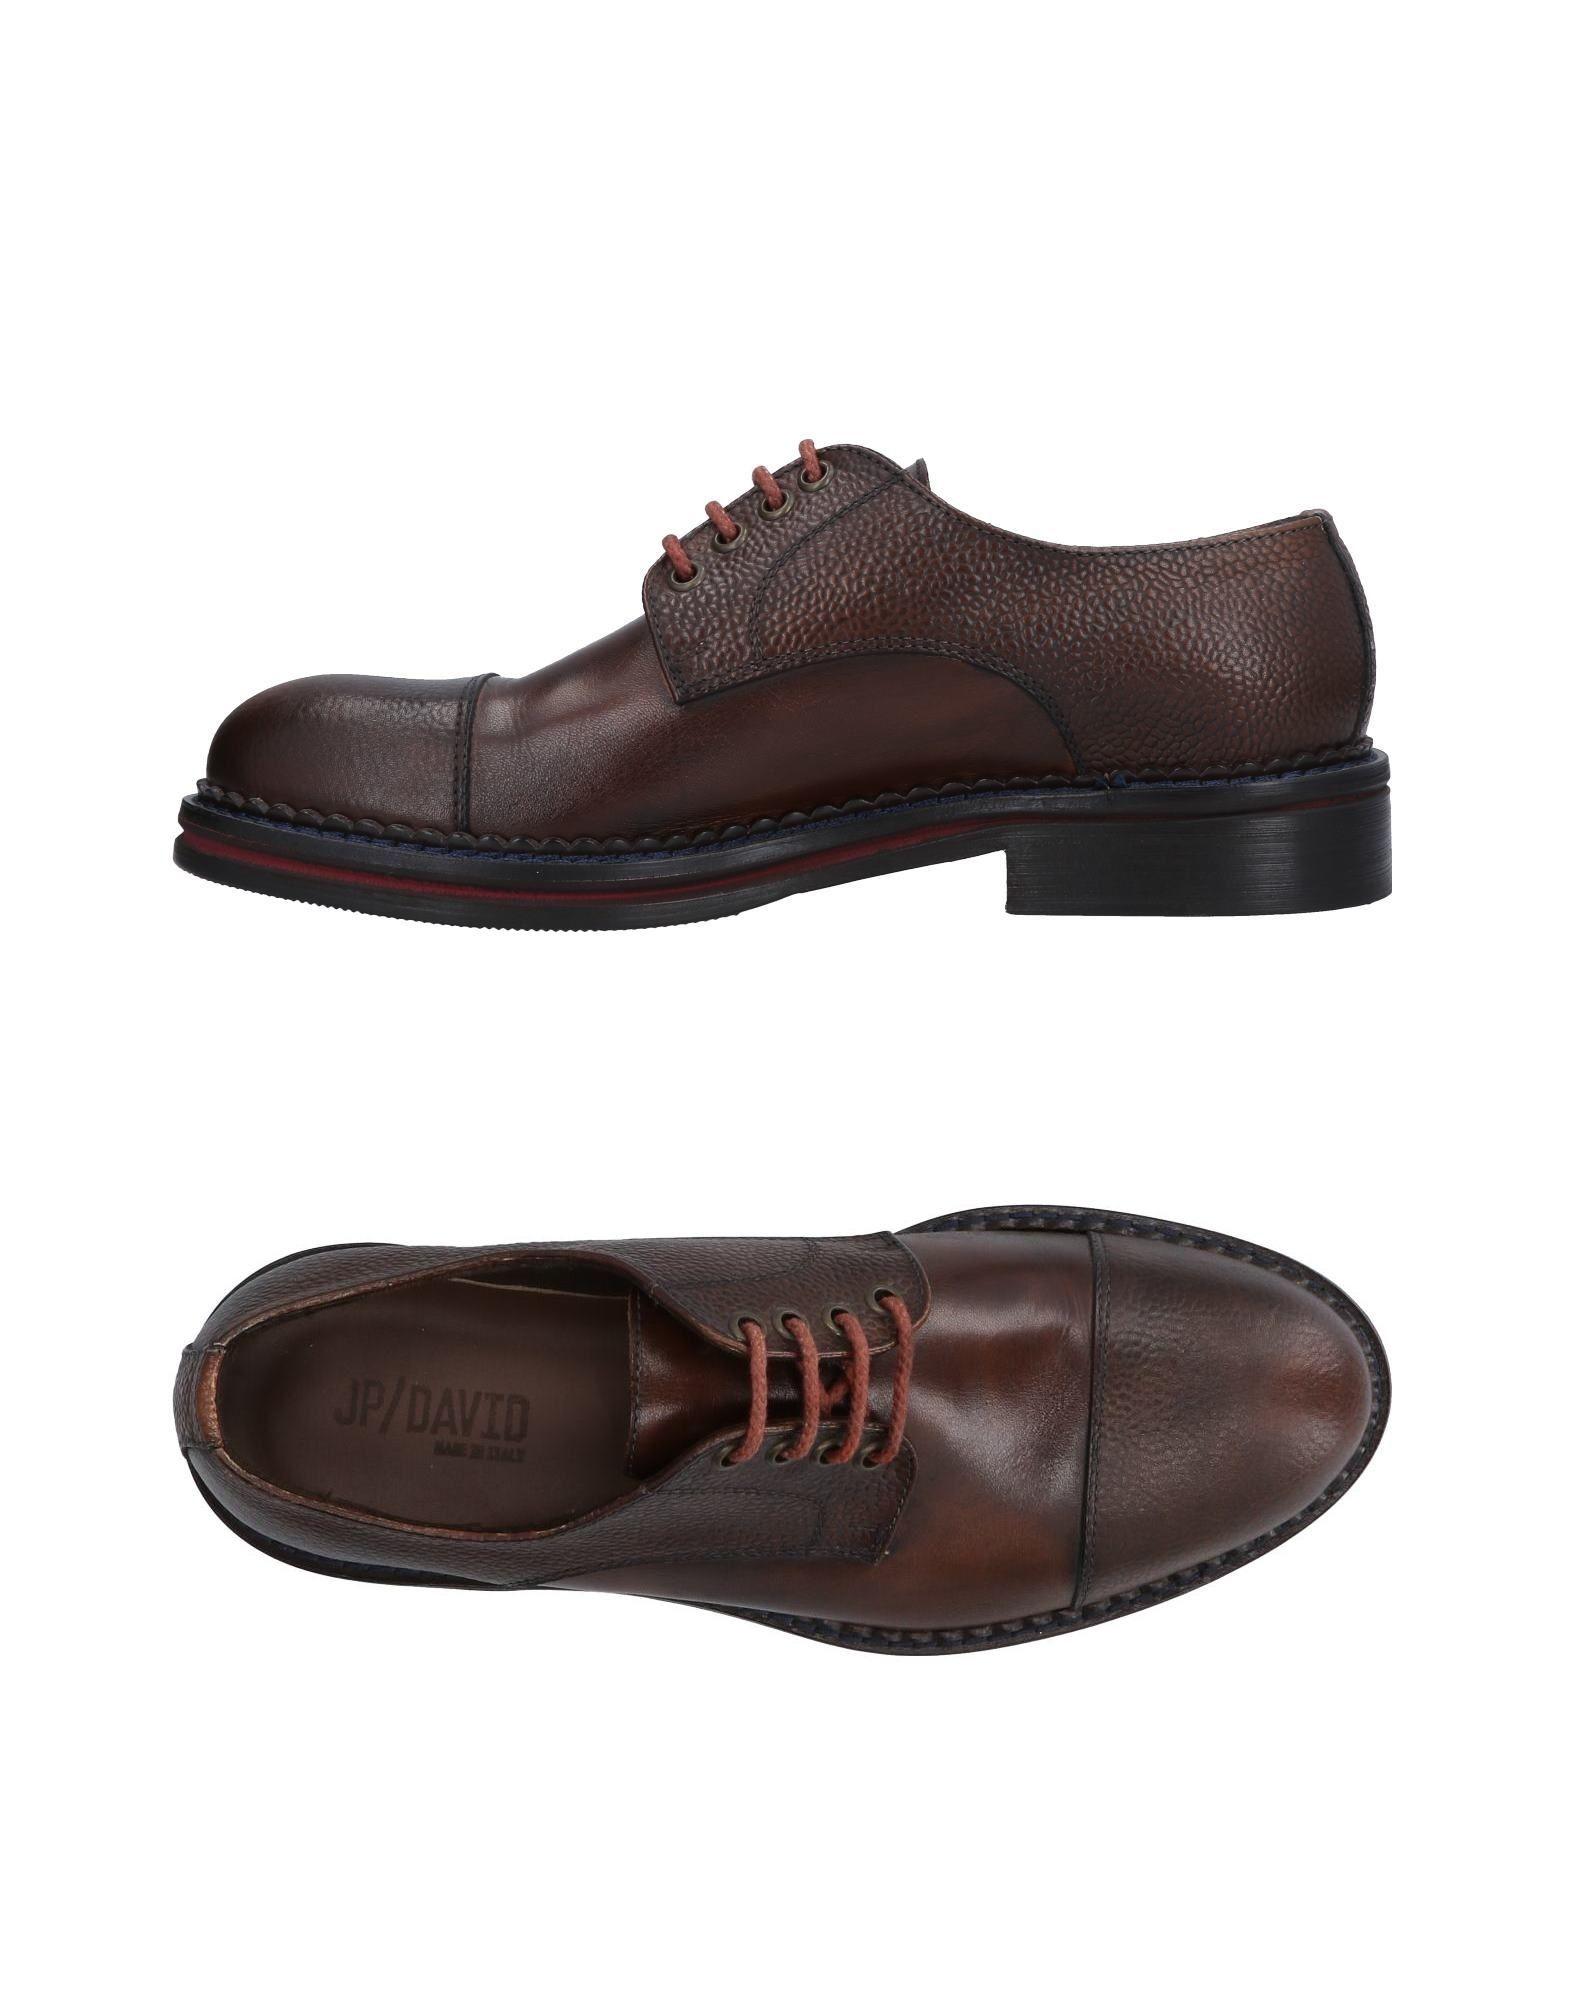 Rabatt echte Schuhe Jp/David Schnürschuhe Herren  11501876WT